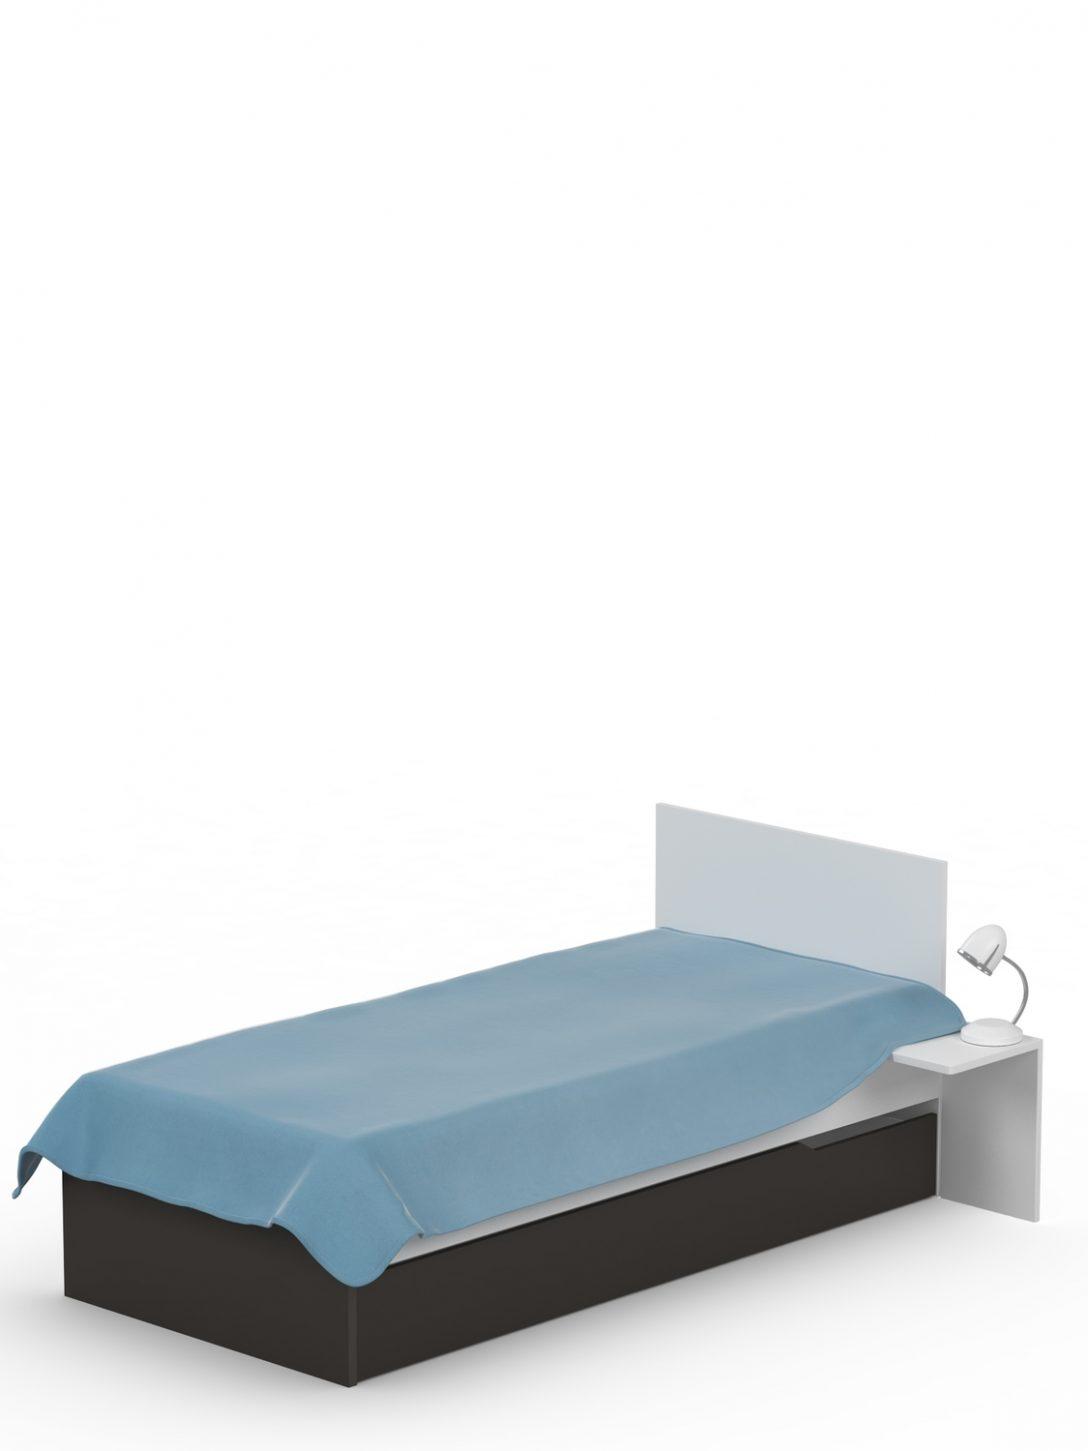 Large Size of 120x200 Bett Uni Dark Meblik Treca Betten Balken Antike Bette Badewanne Mit Schubladen 180x200 Möbel Boss Liegehöhe 60 Cm Kinder 160x200 Komplett Weiß Bett 120x200 Bett